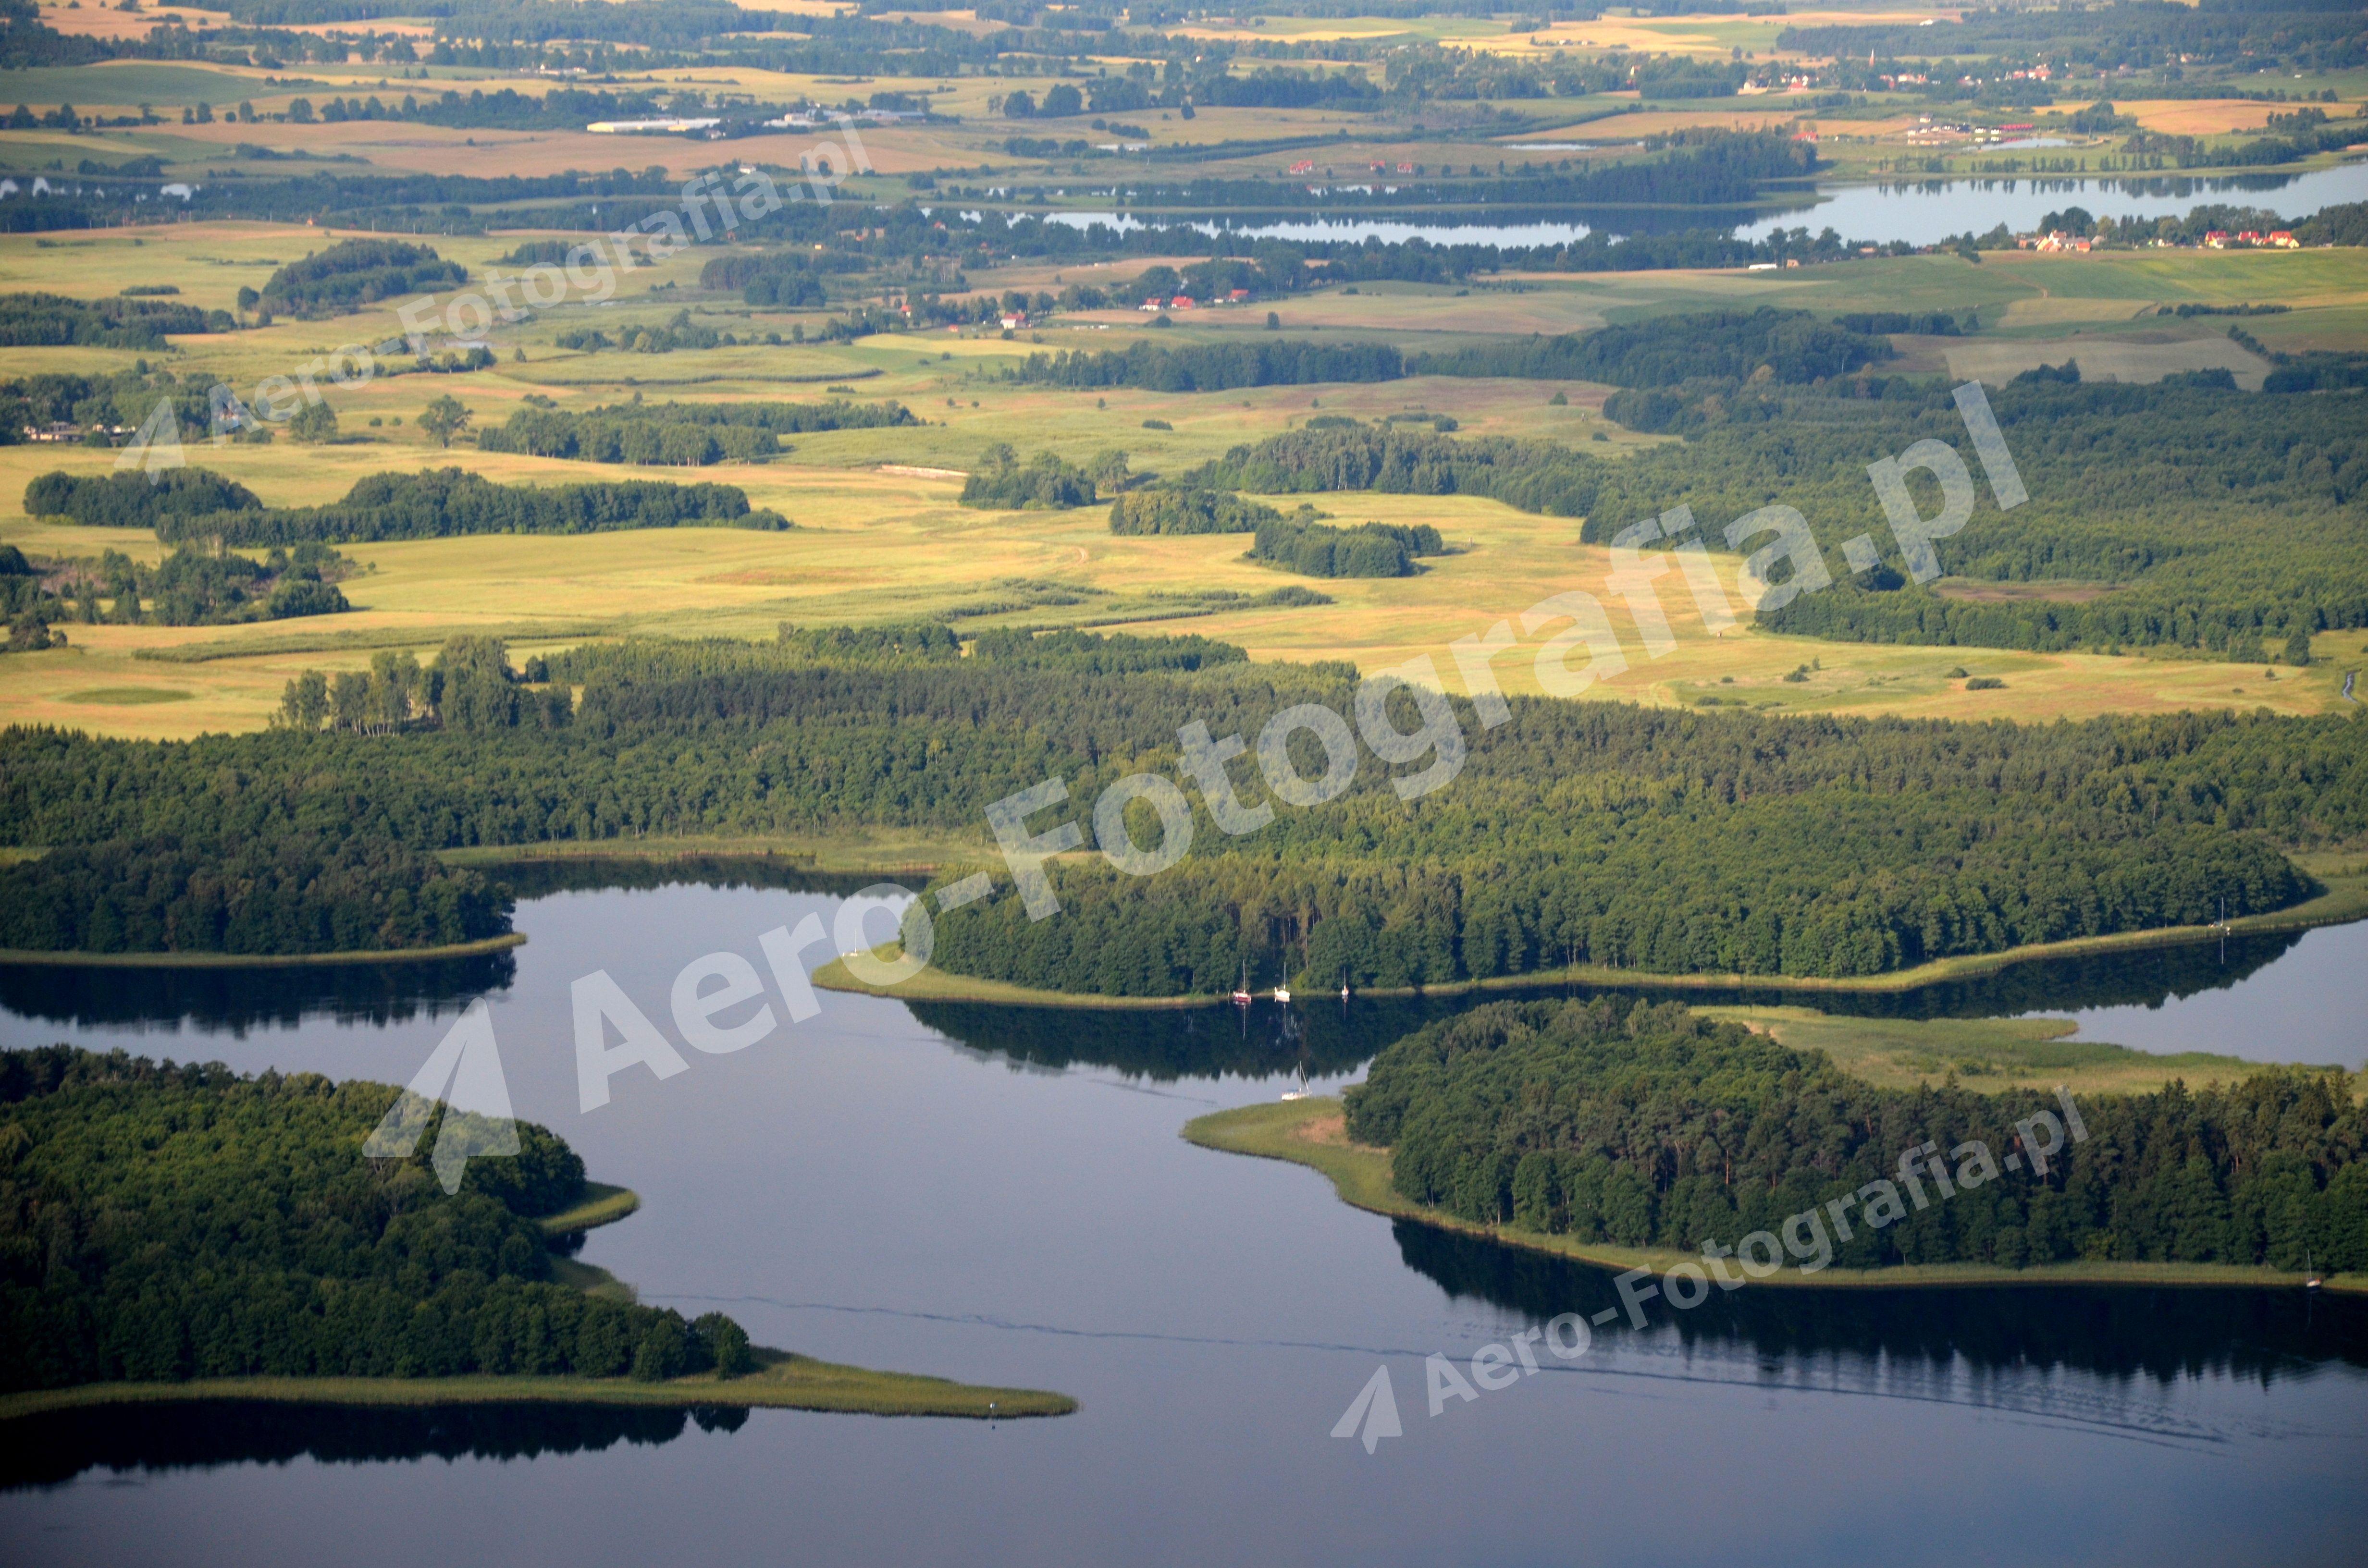 Kisajno, a w oddali miejscowość Bogacko i Jezioro Dejguny.